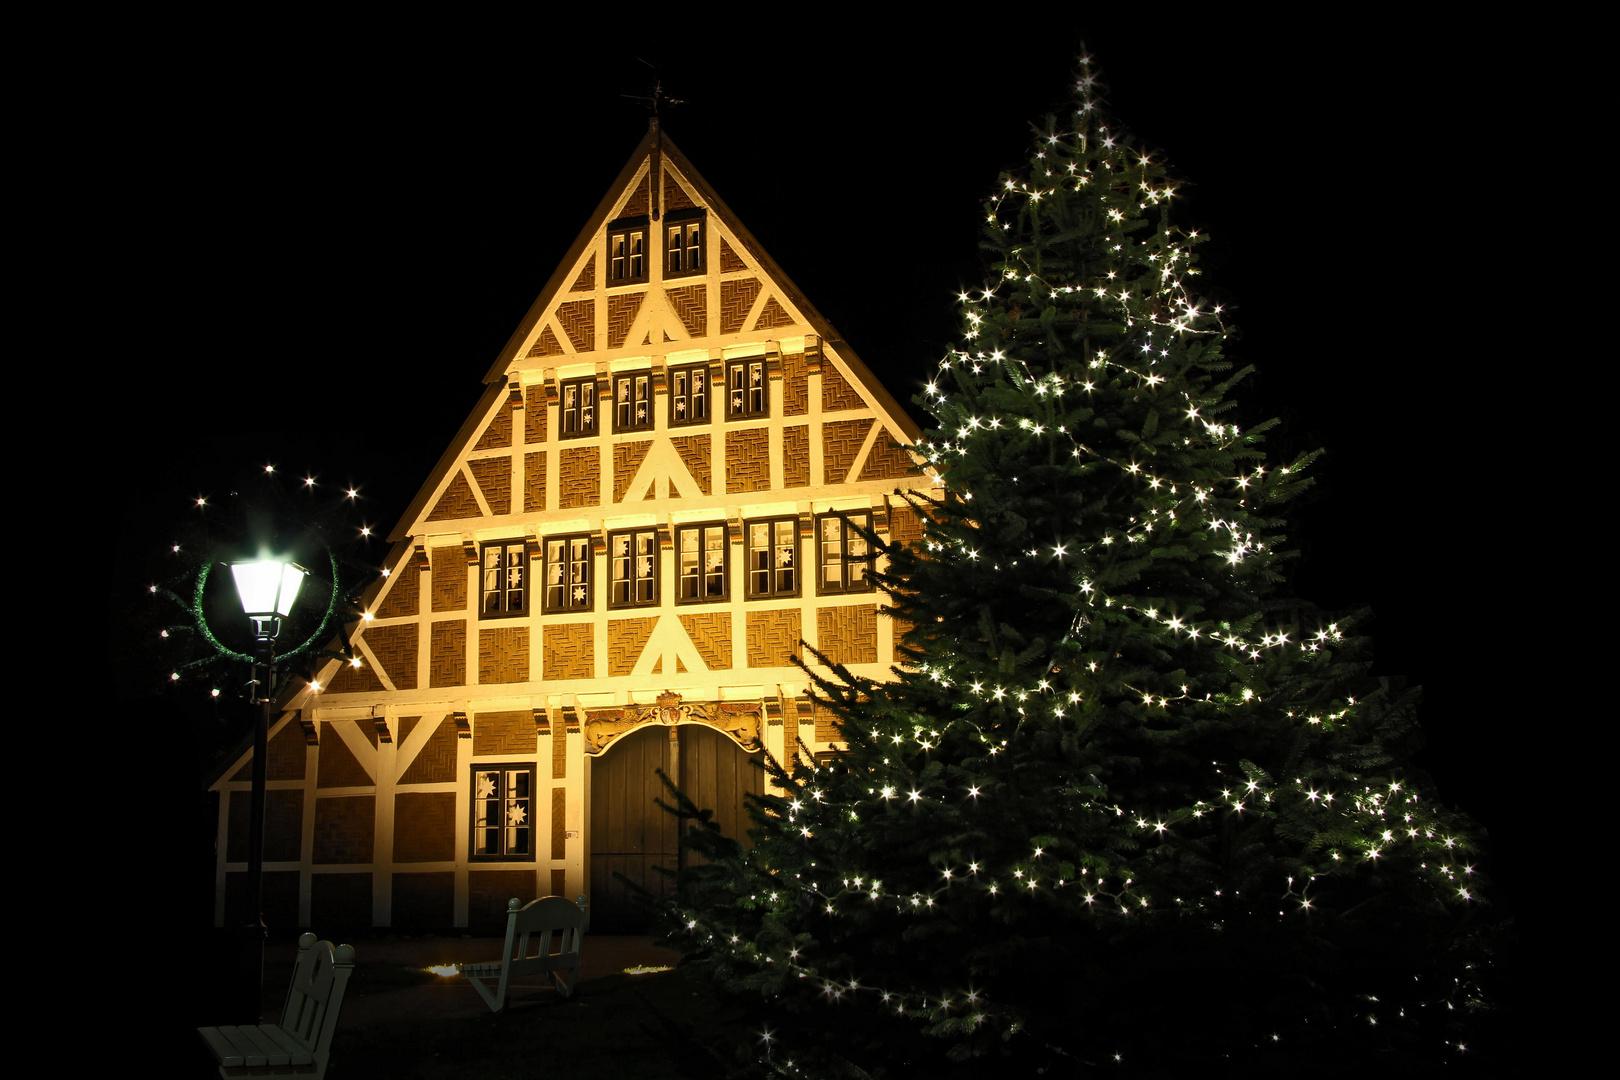 Weihnachten 2019 In Deutschland.Friedliche Weihnachten Und Ein Glückliches Jahr 2019 Foto Bild